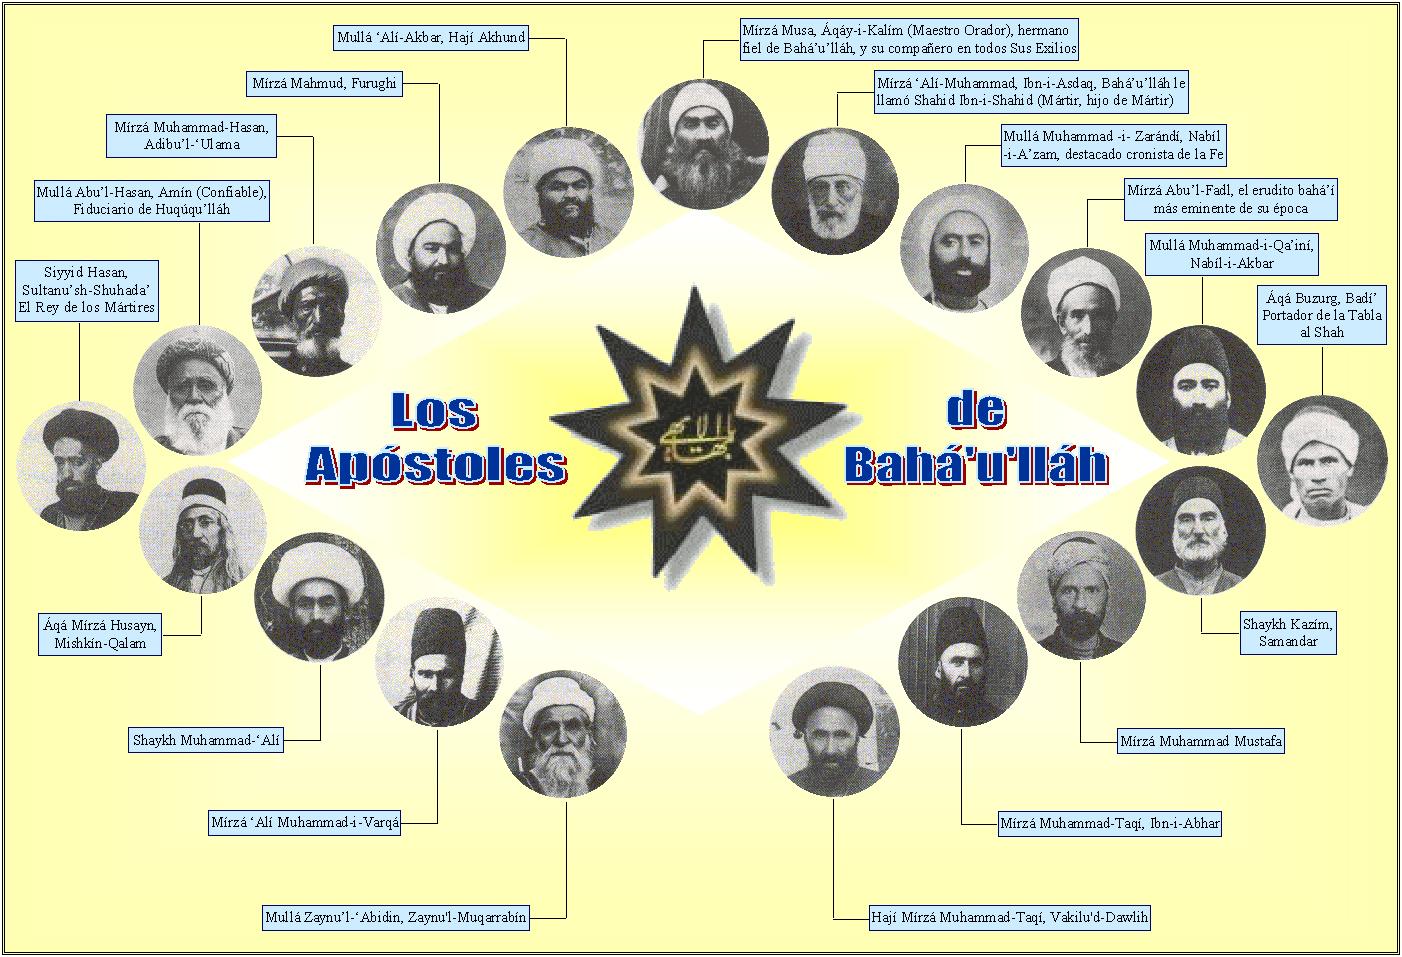 Un cuadro básico de los 19 Apóstoles de Bahá'u'lláh